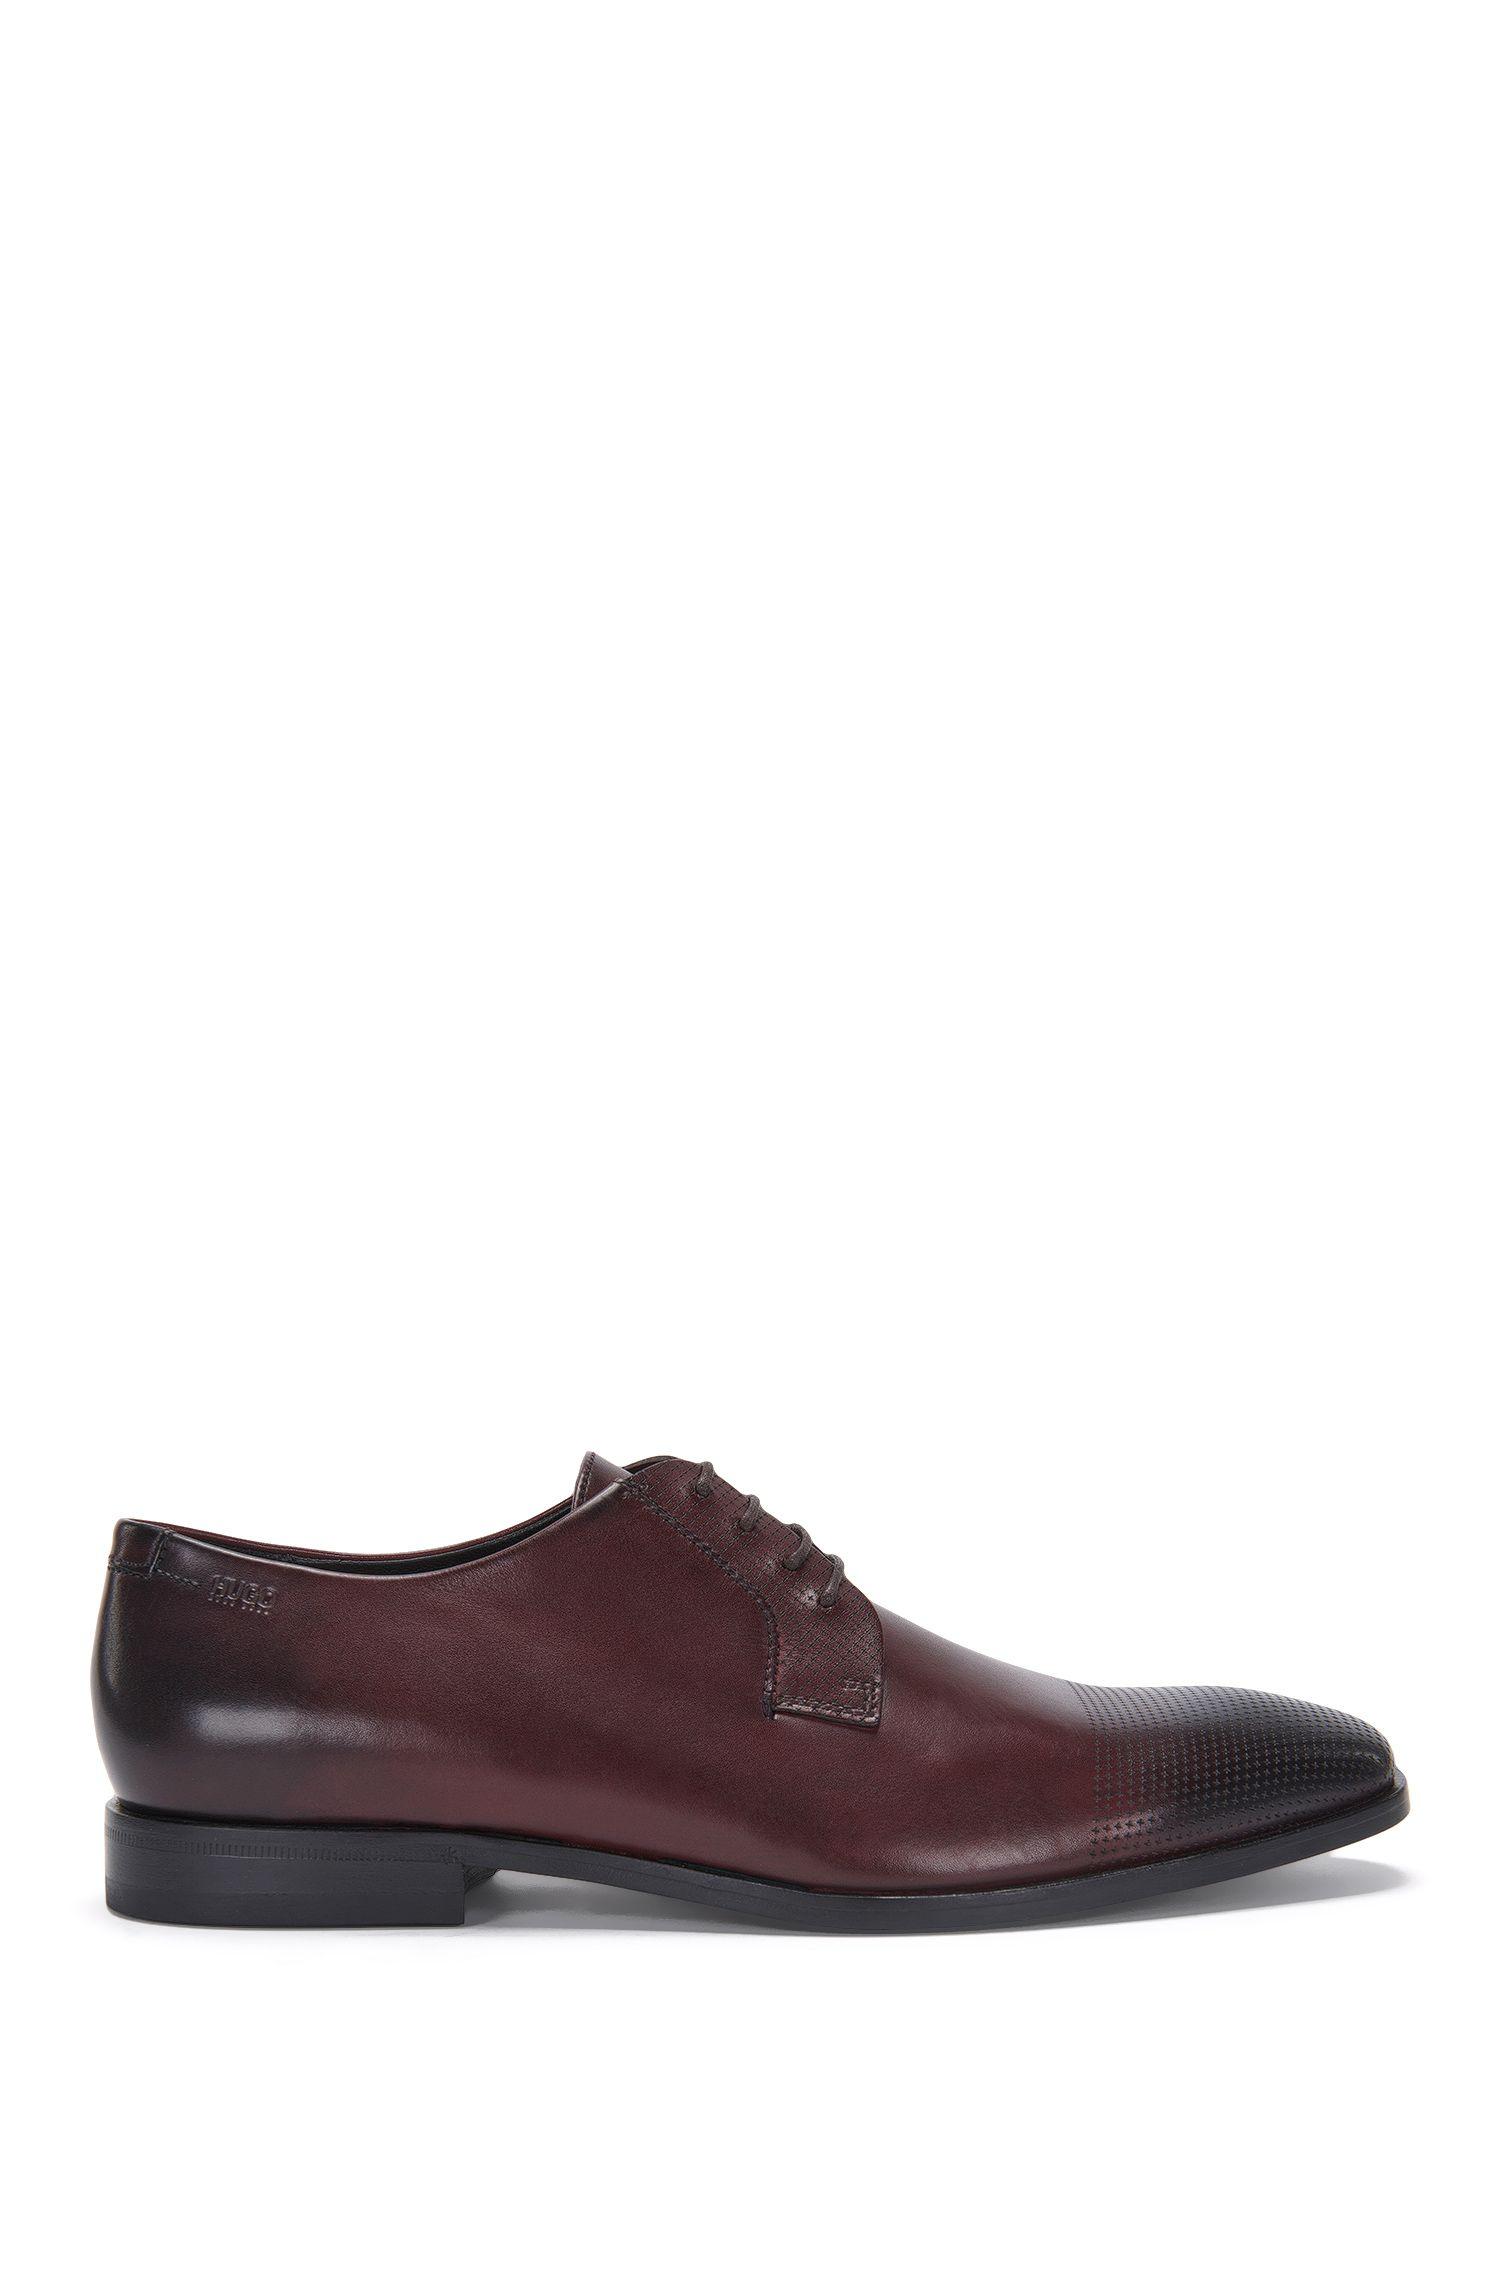 Zapatos de cordón en piel con detalles elaborados con láser: 'Square_Derb_lsps'